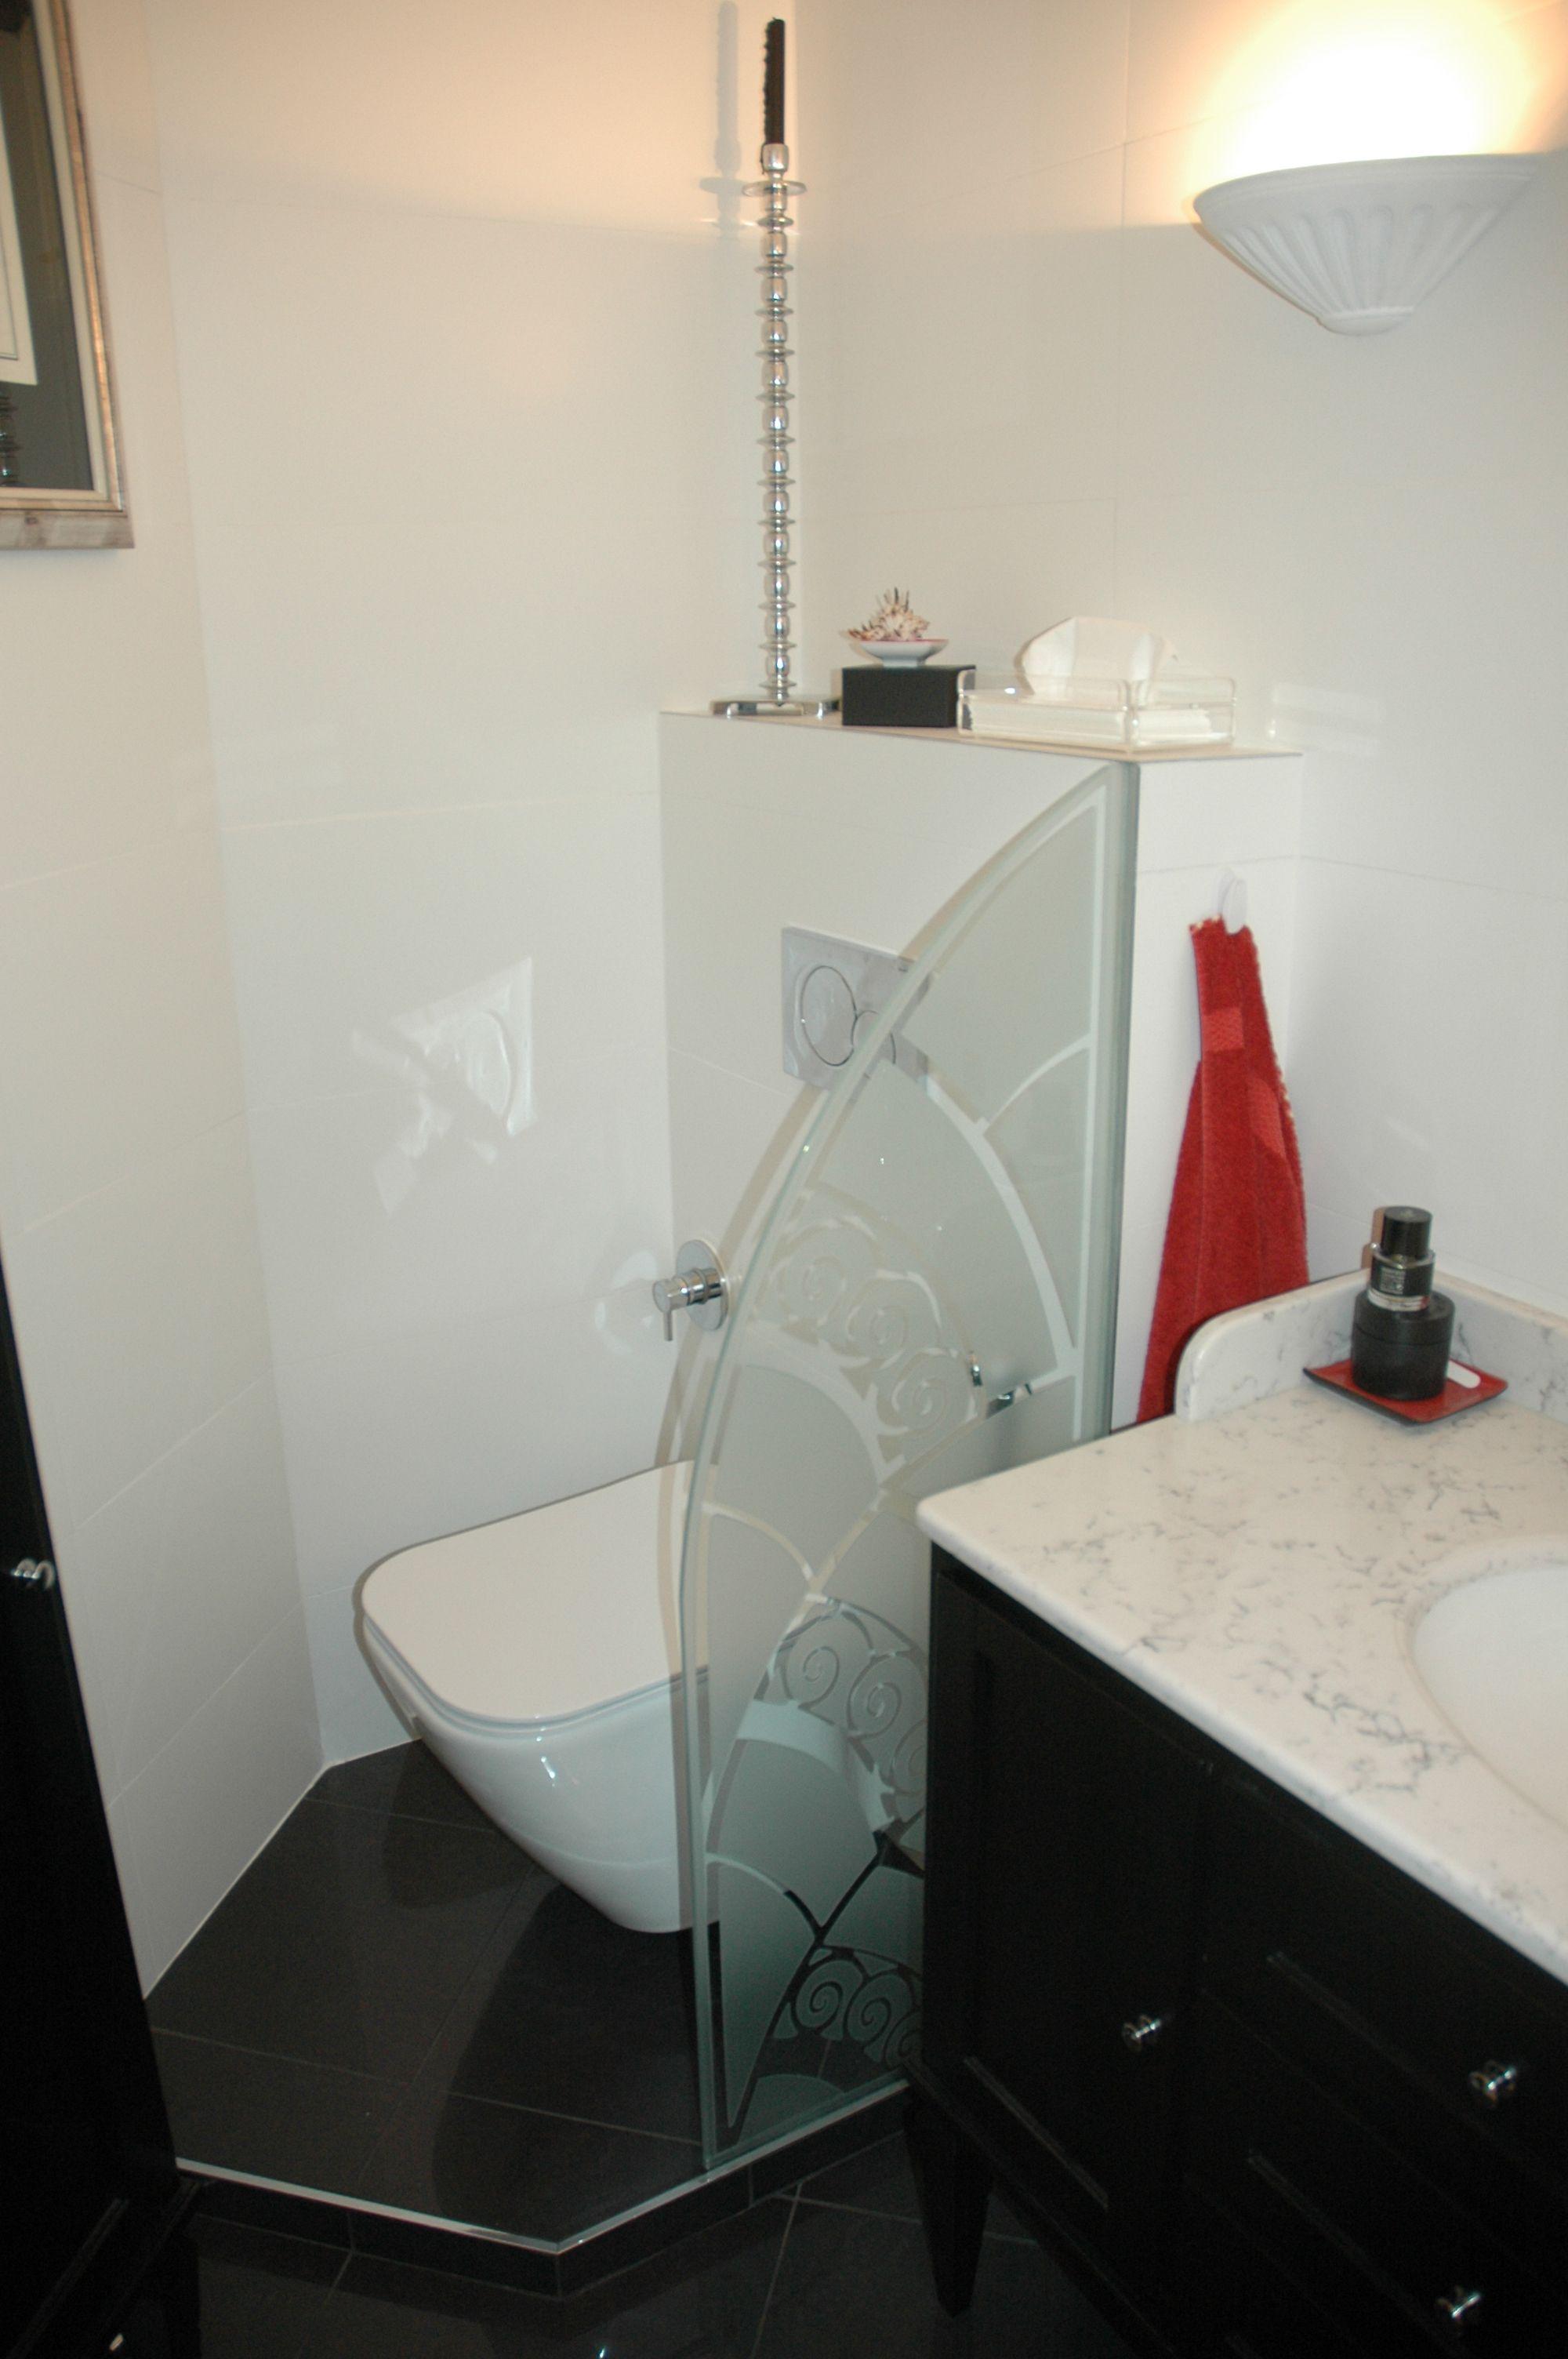 réalisation d'un paravent en verre sablé avec motif traditionnel ... - Paravent Pour Salle De Bain